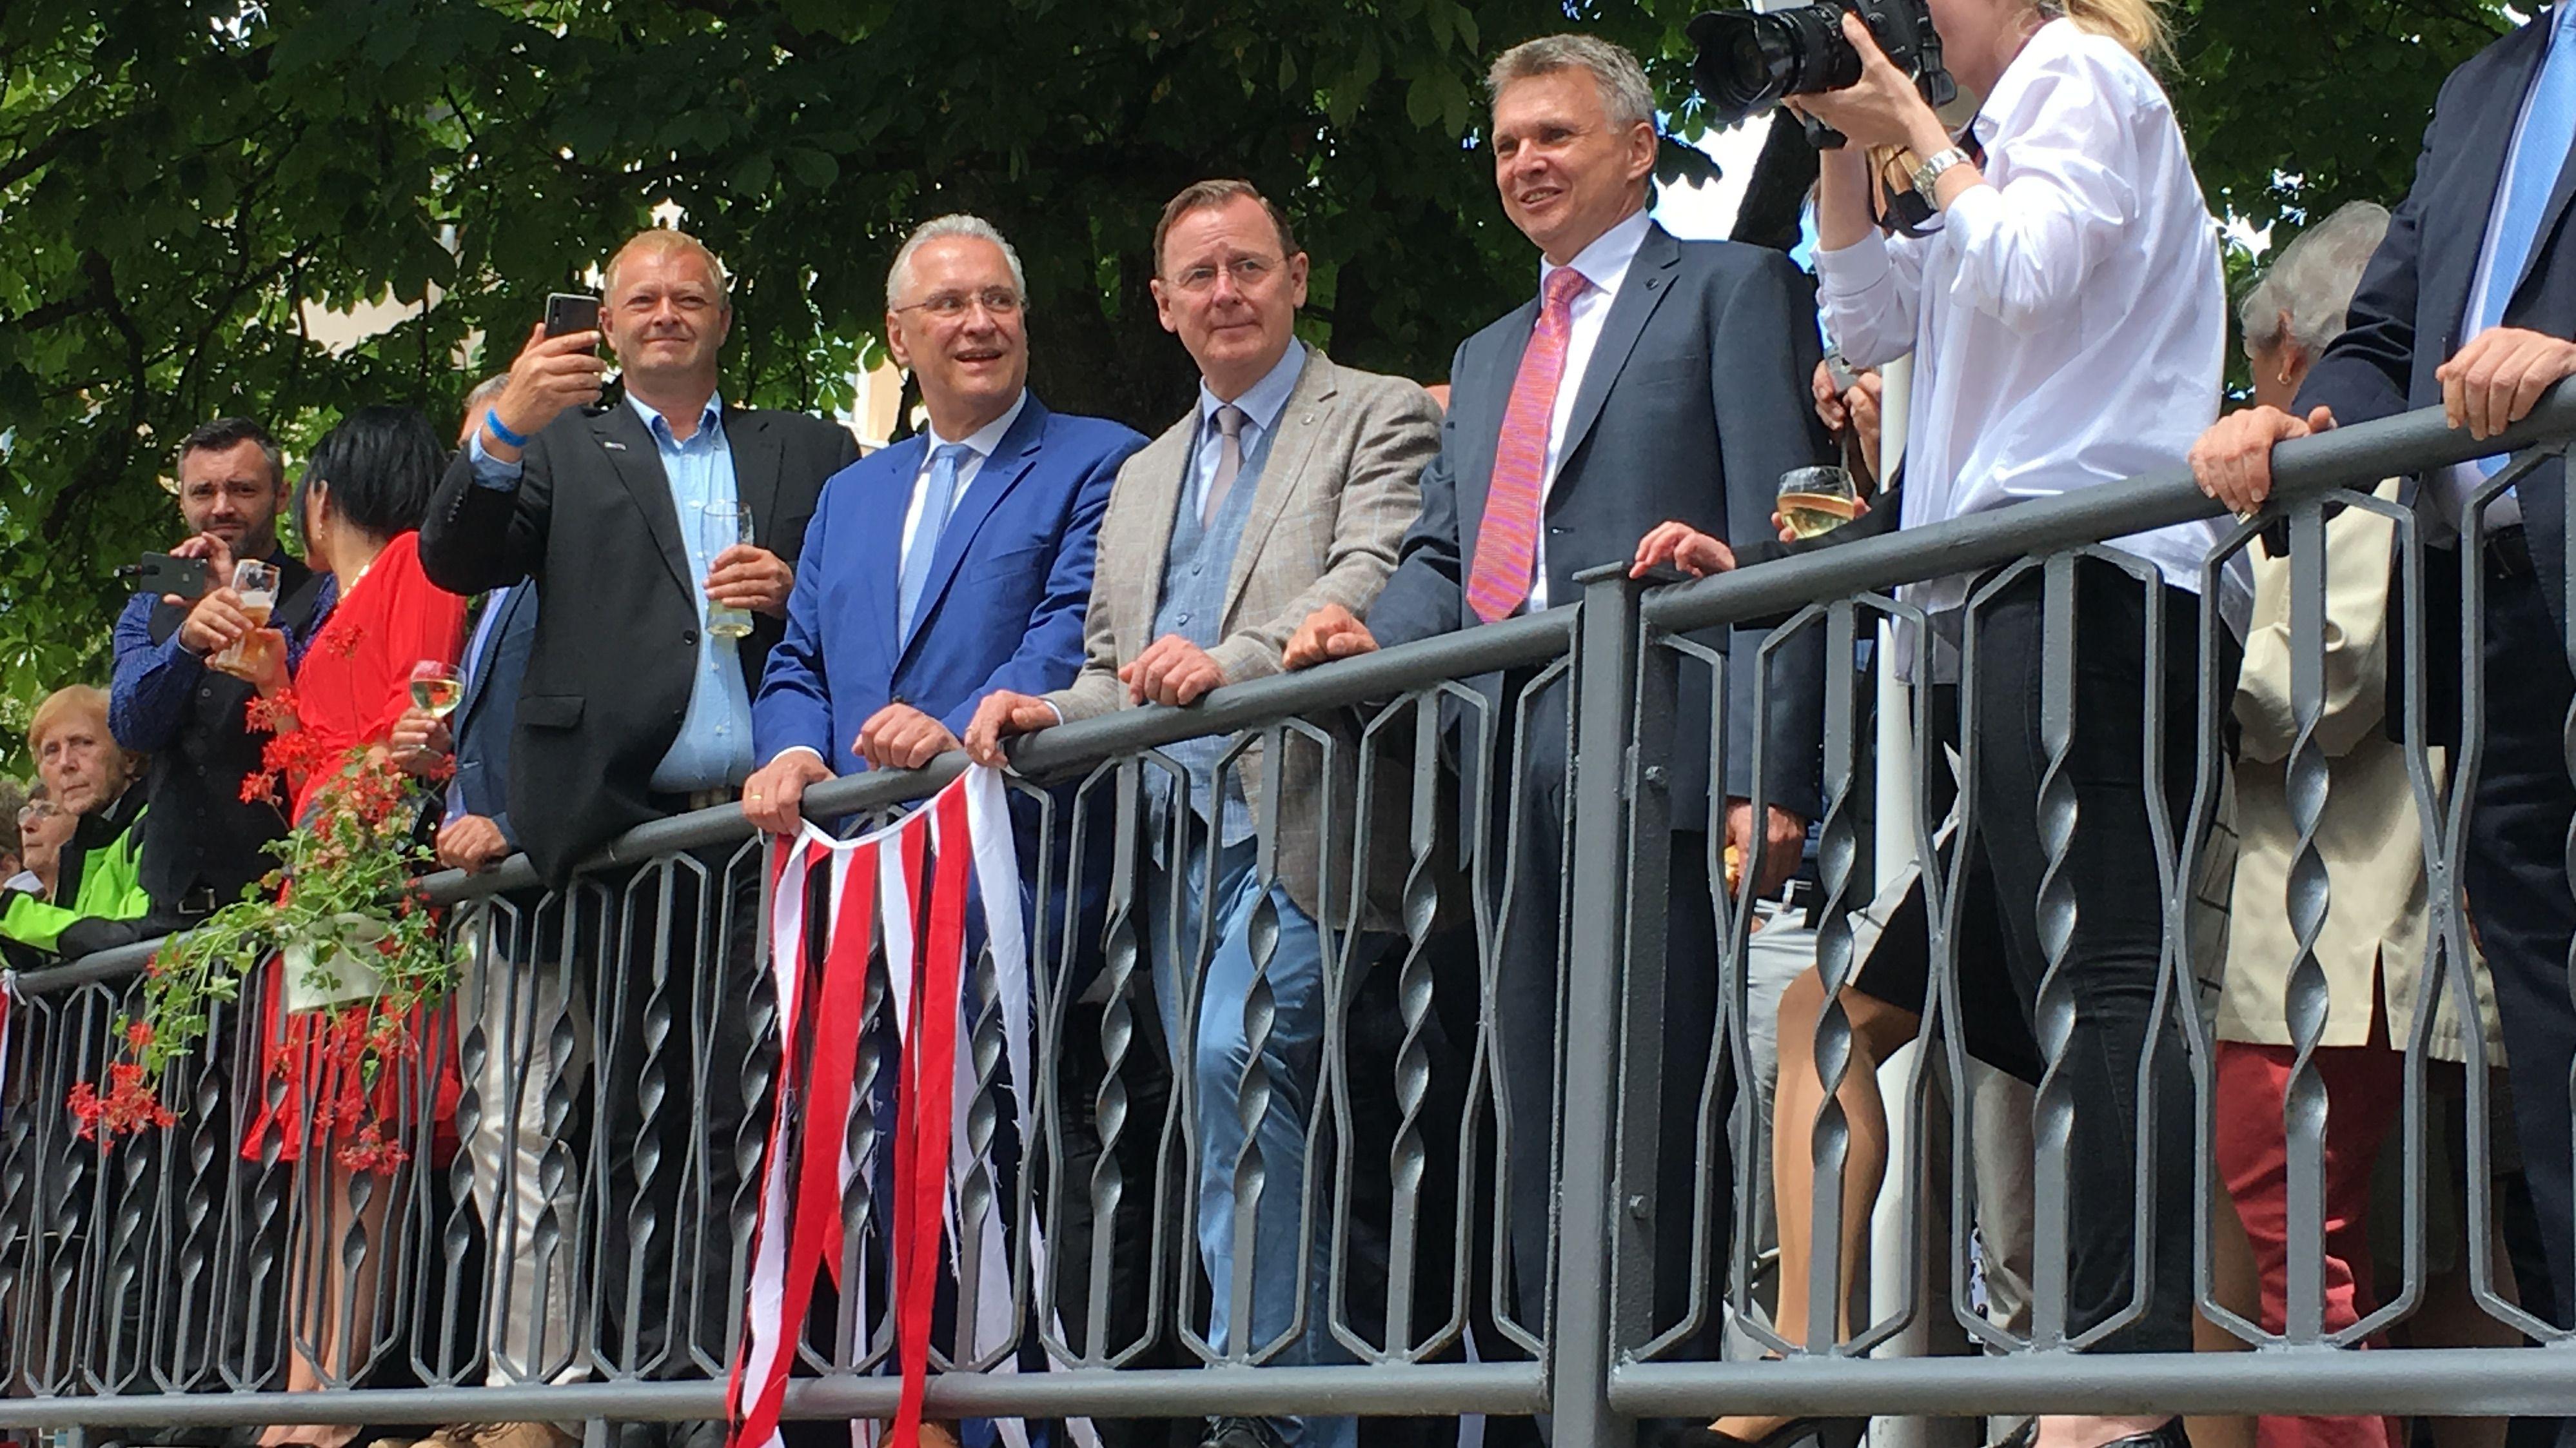 Bayerns Innenminister Joachim Herrmann (CSU) (2. v.l.)., Bodo Ramelow (Die Linke), Ministerpräsident von Thüringen (3. v. l.)